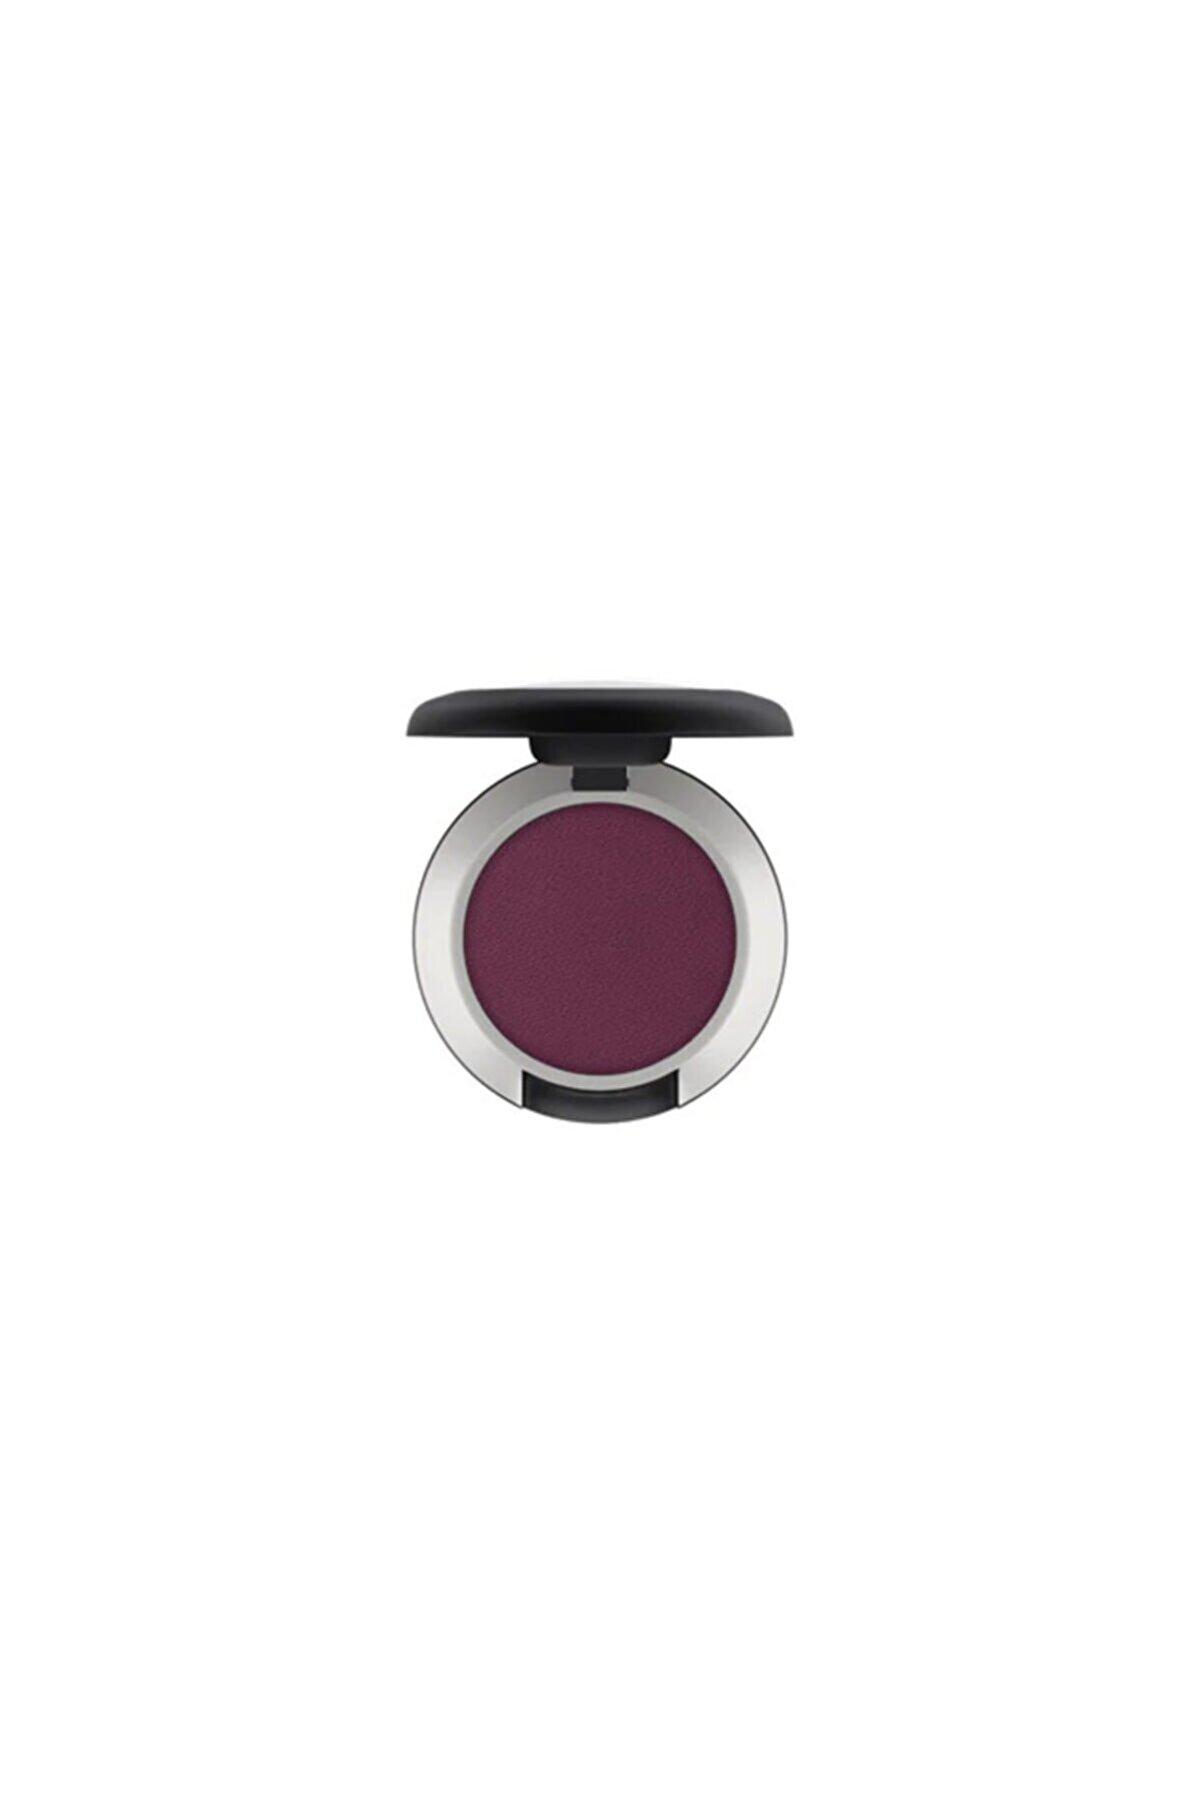 Mac Powder Kiss Soft Matte Göz Farı - P For Potent - 773602581085